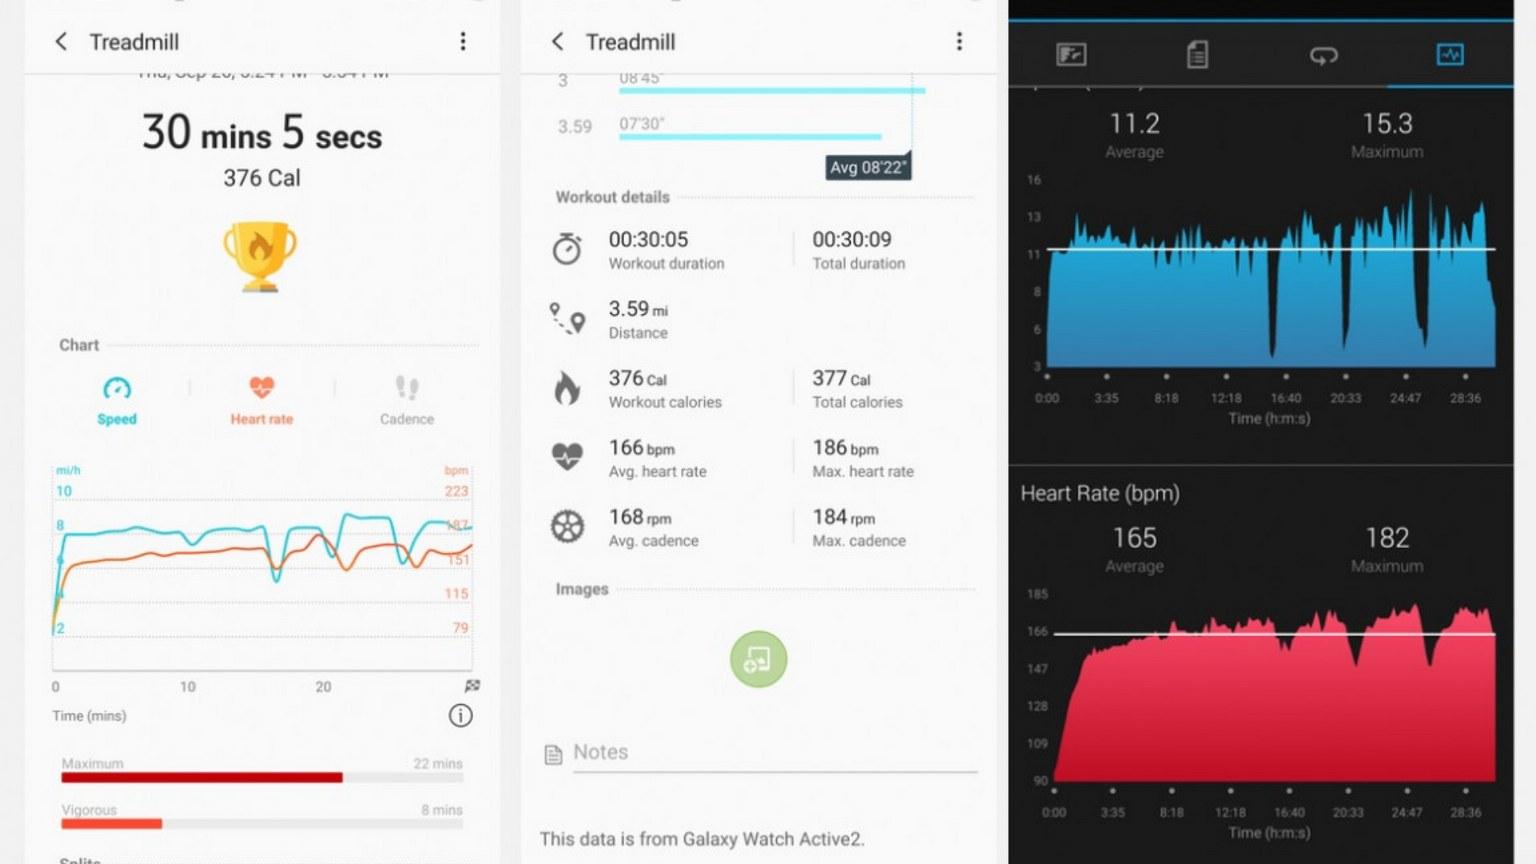 Samsung Galaxy Watch Active 2 Sleep Tracking